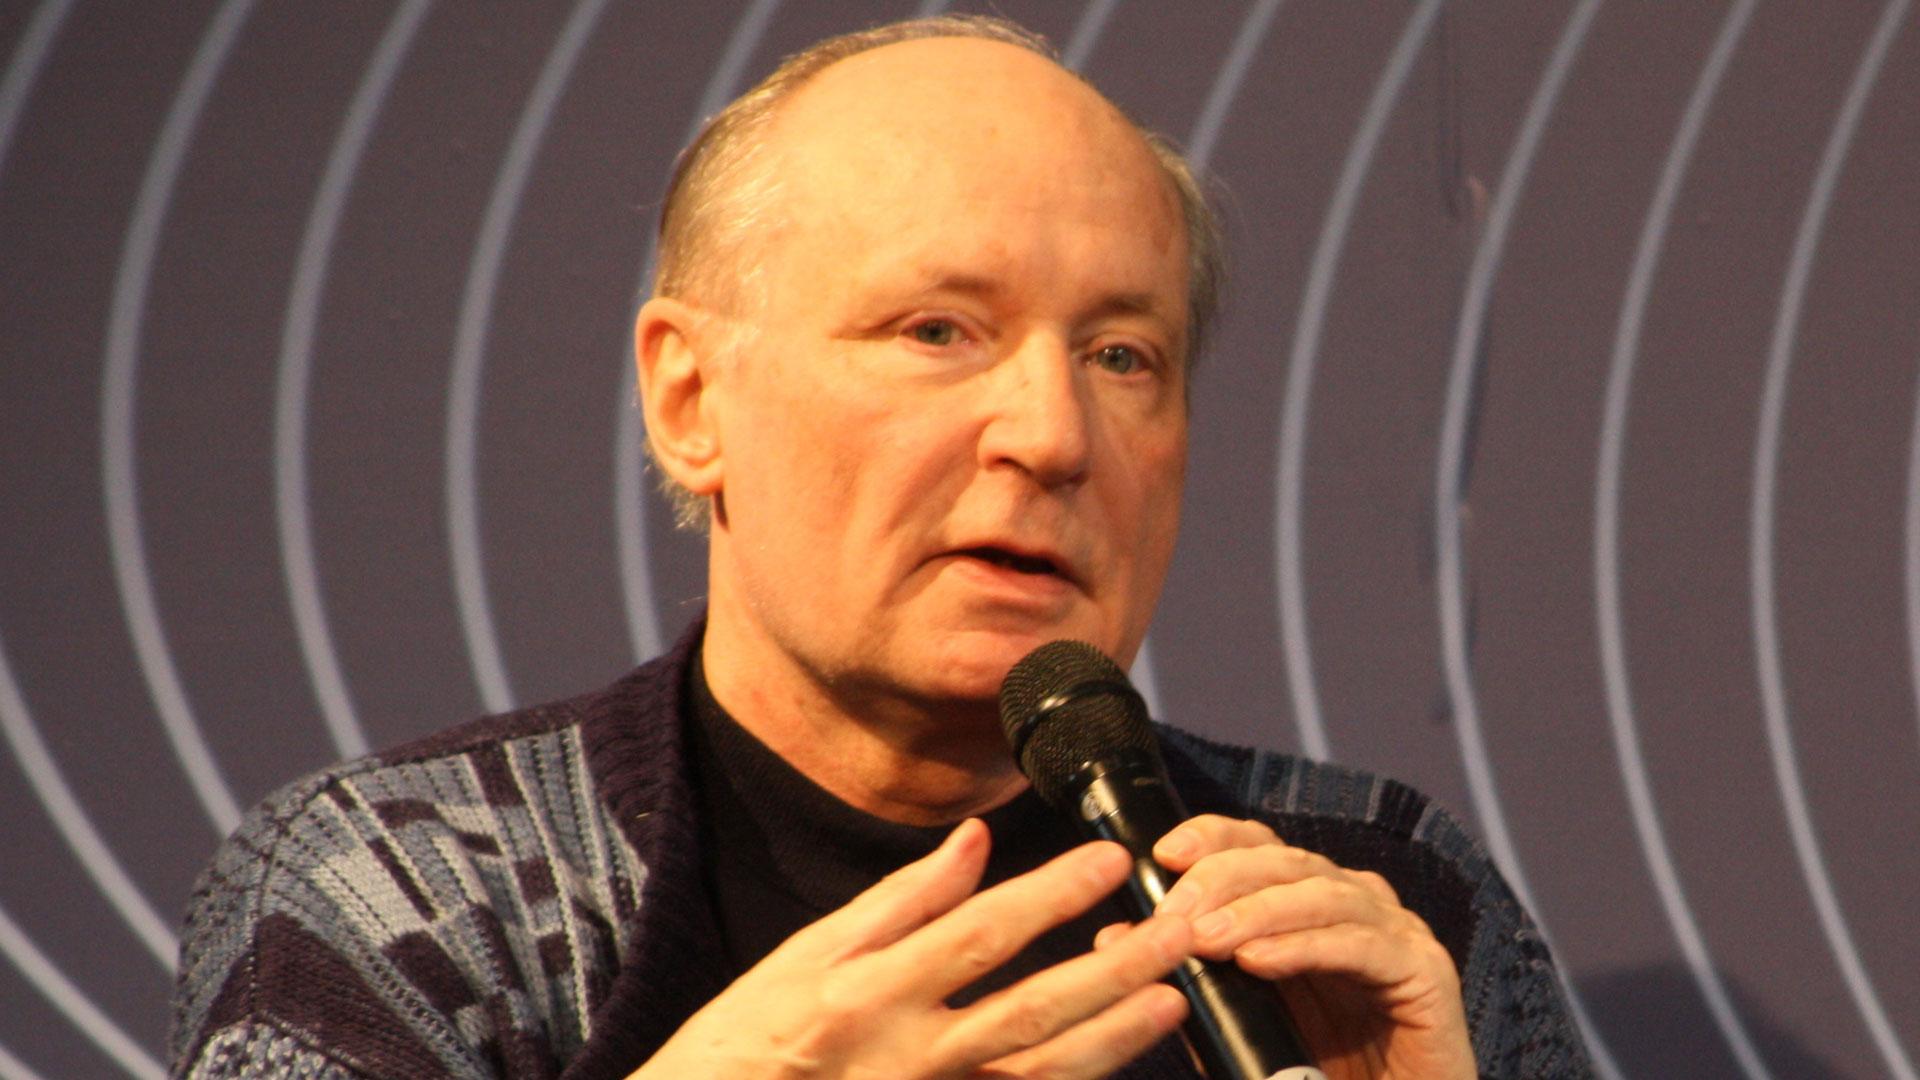 Eugen Drewermann wurde die katholische Lehr- und Predigtbefugnis entzogen. 2005 trat er aus der Katholischen Kirche aus.